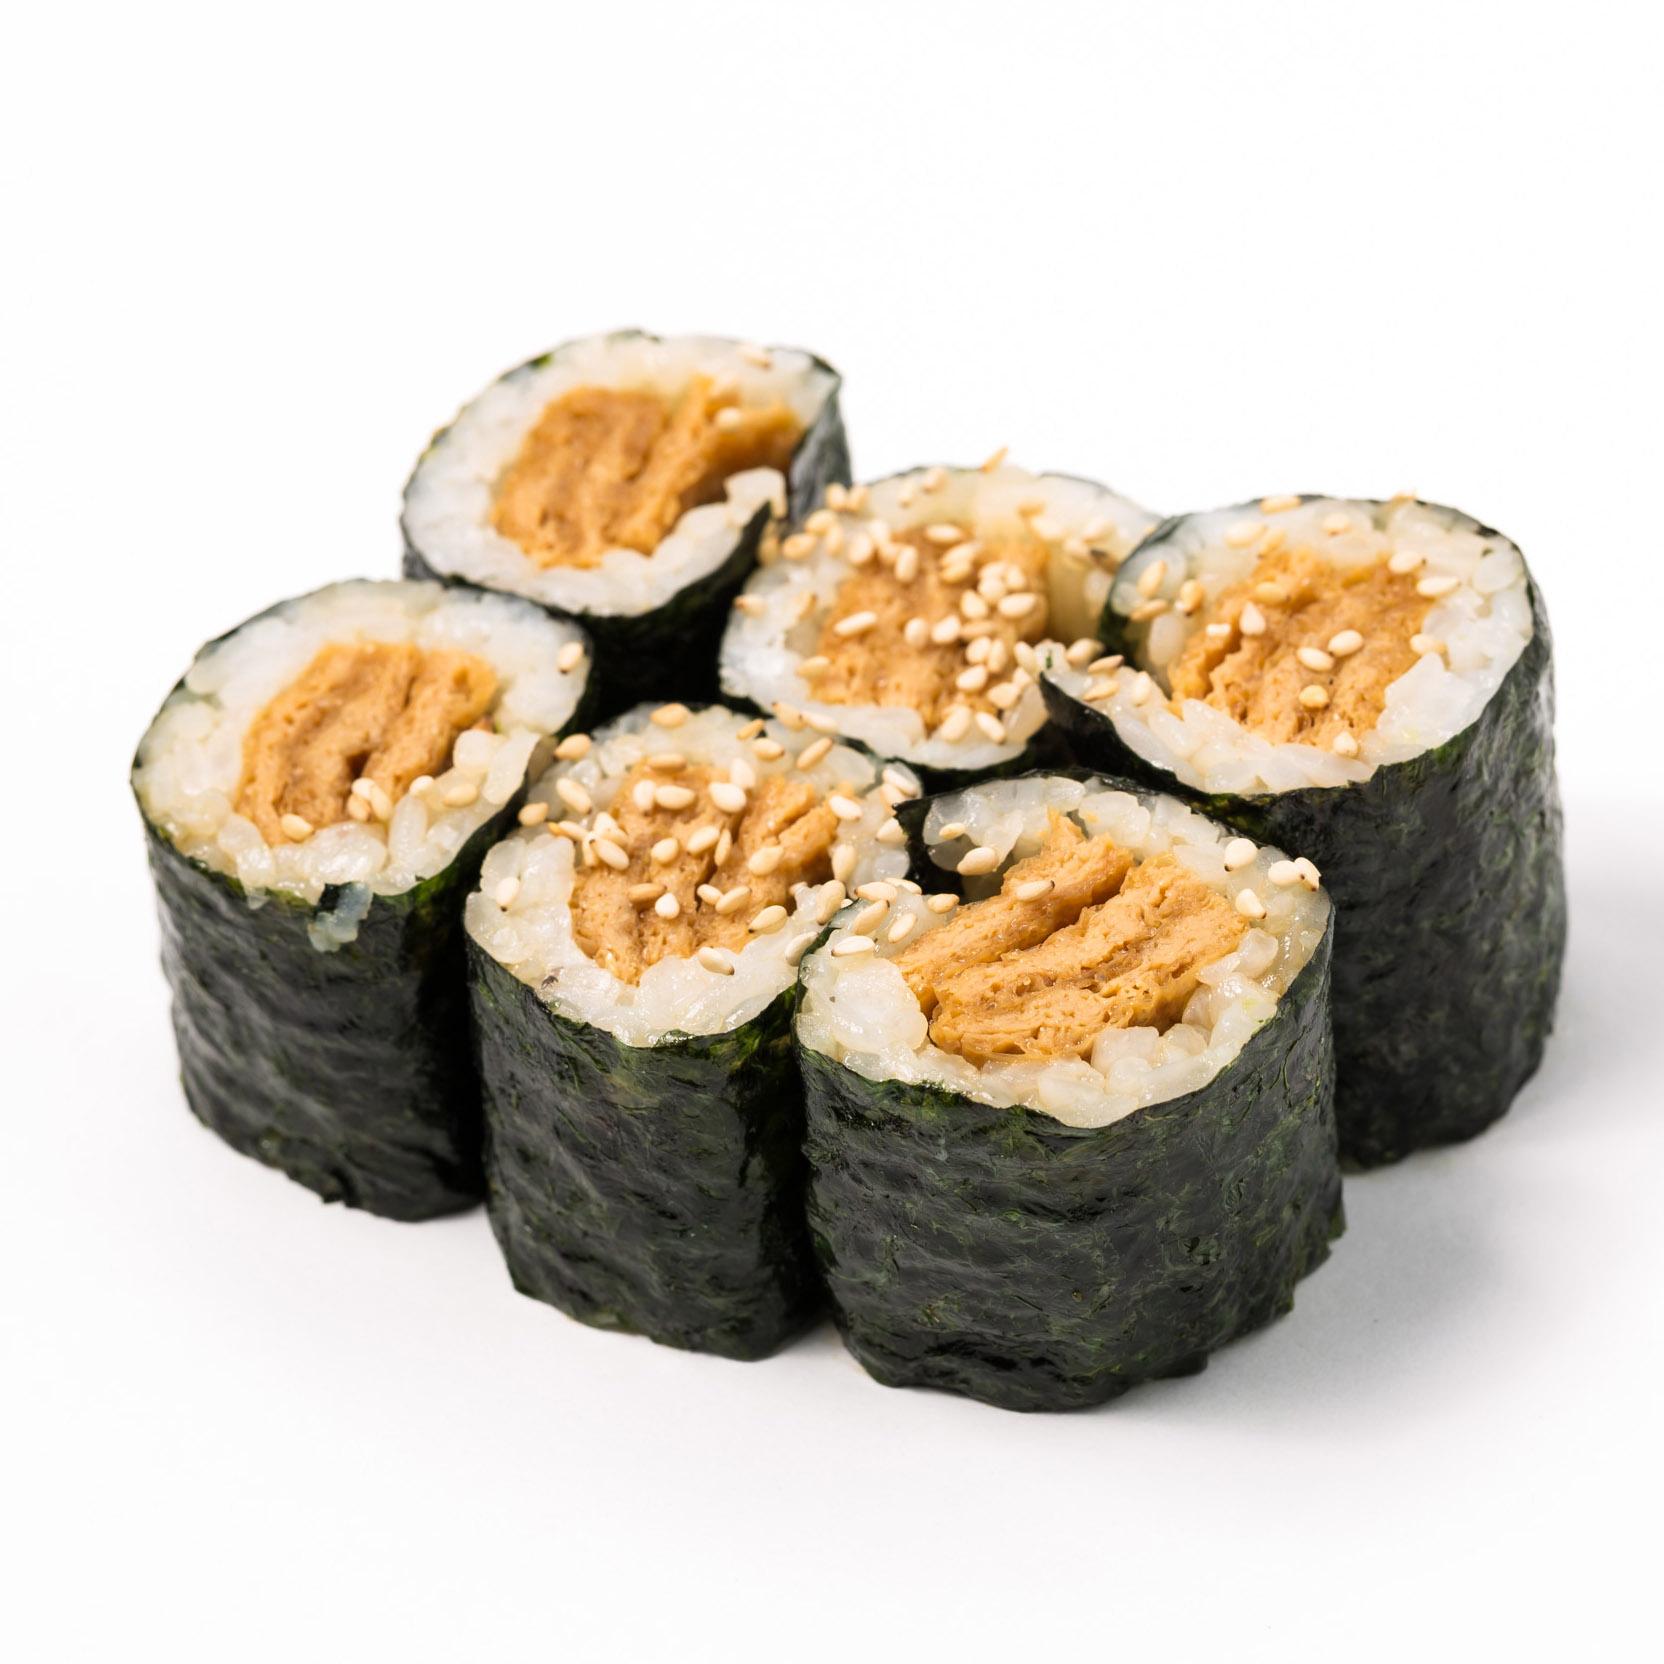 Inari small Roll